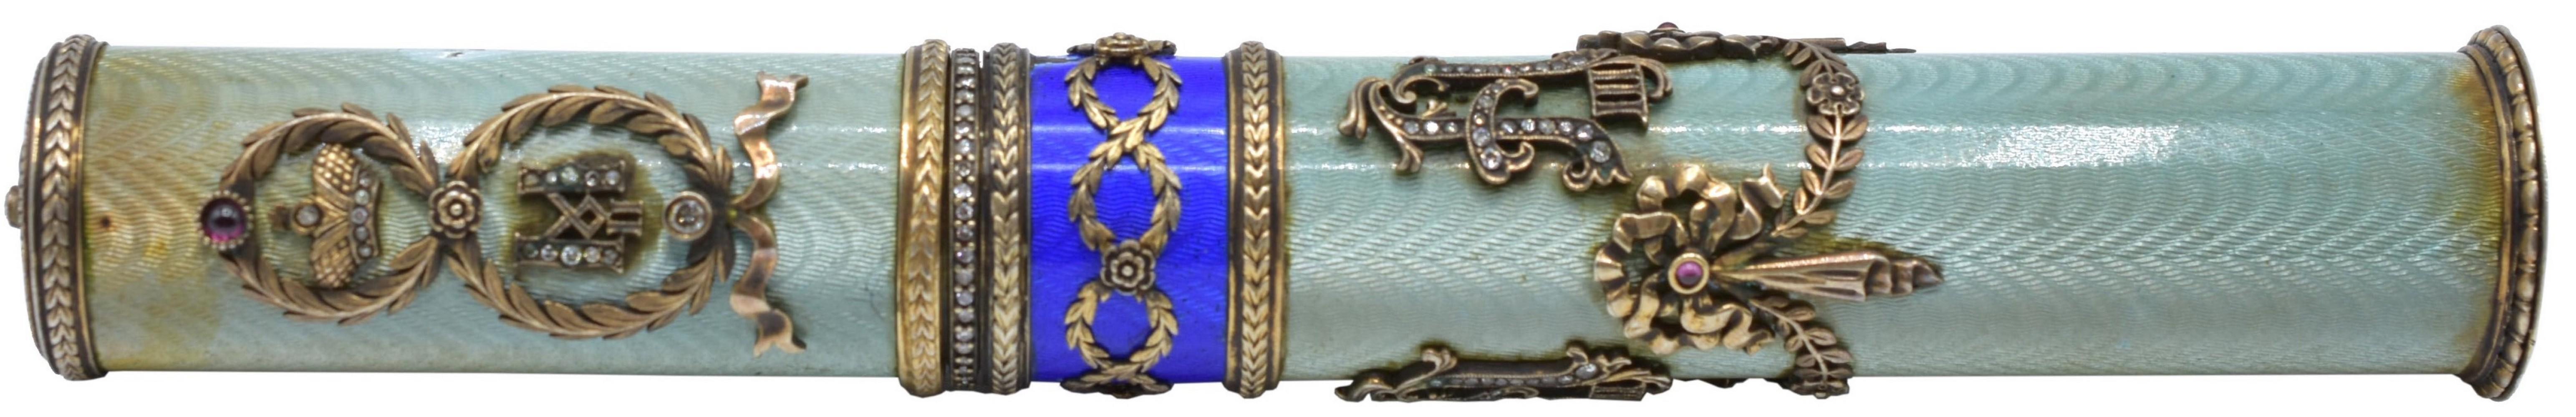 Diamond, Silver & Enamel Russian Scroll Holder